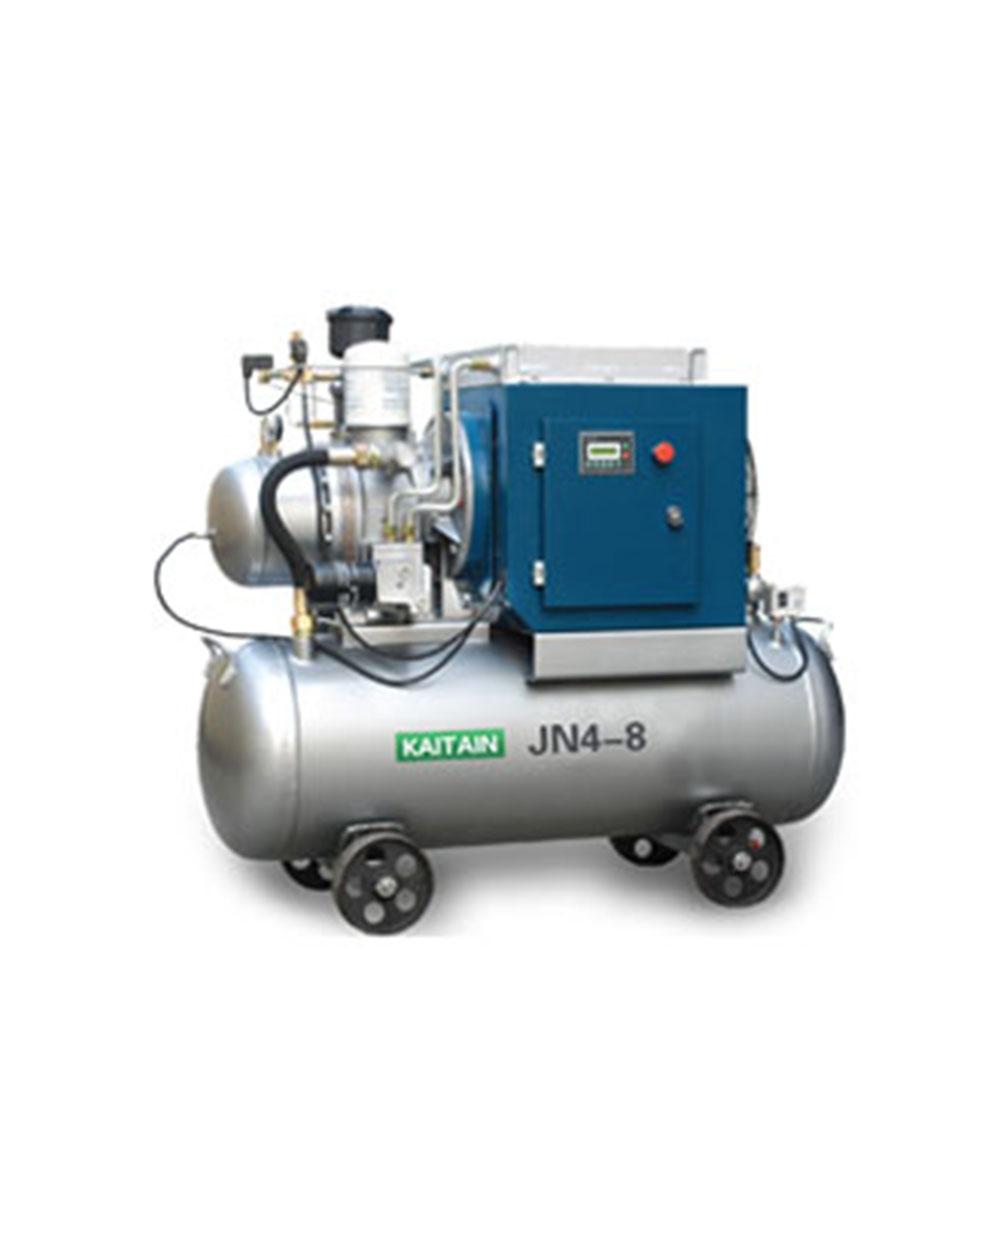 KA工业用活塞式空压机